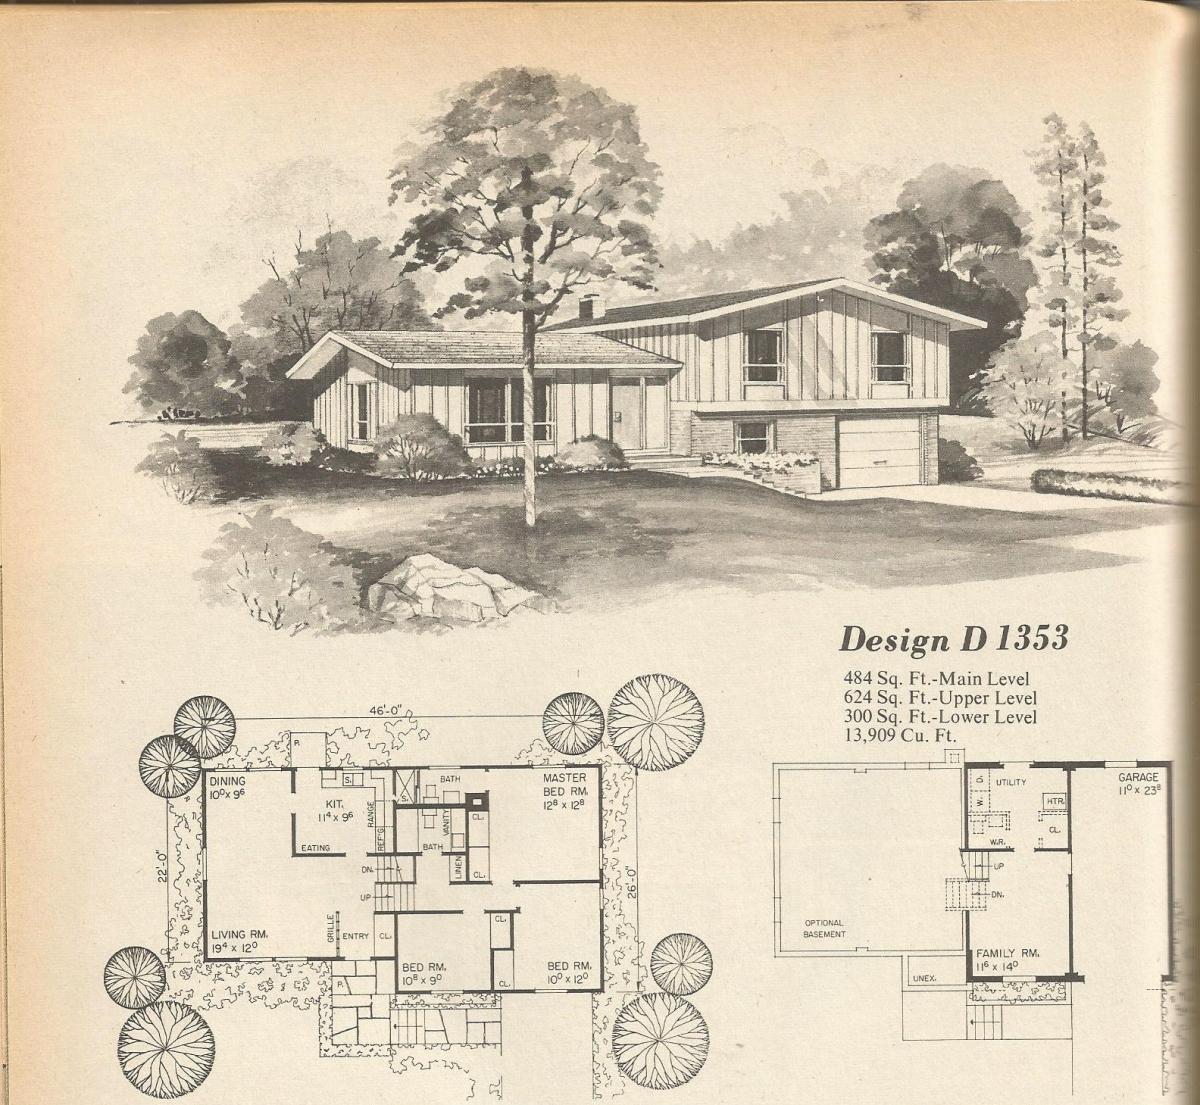 Vintage House Plans: Multi Level Homes Part 3